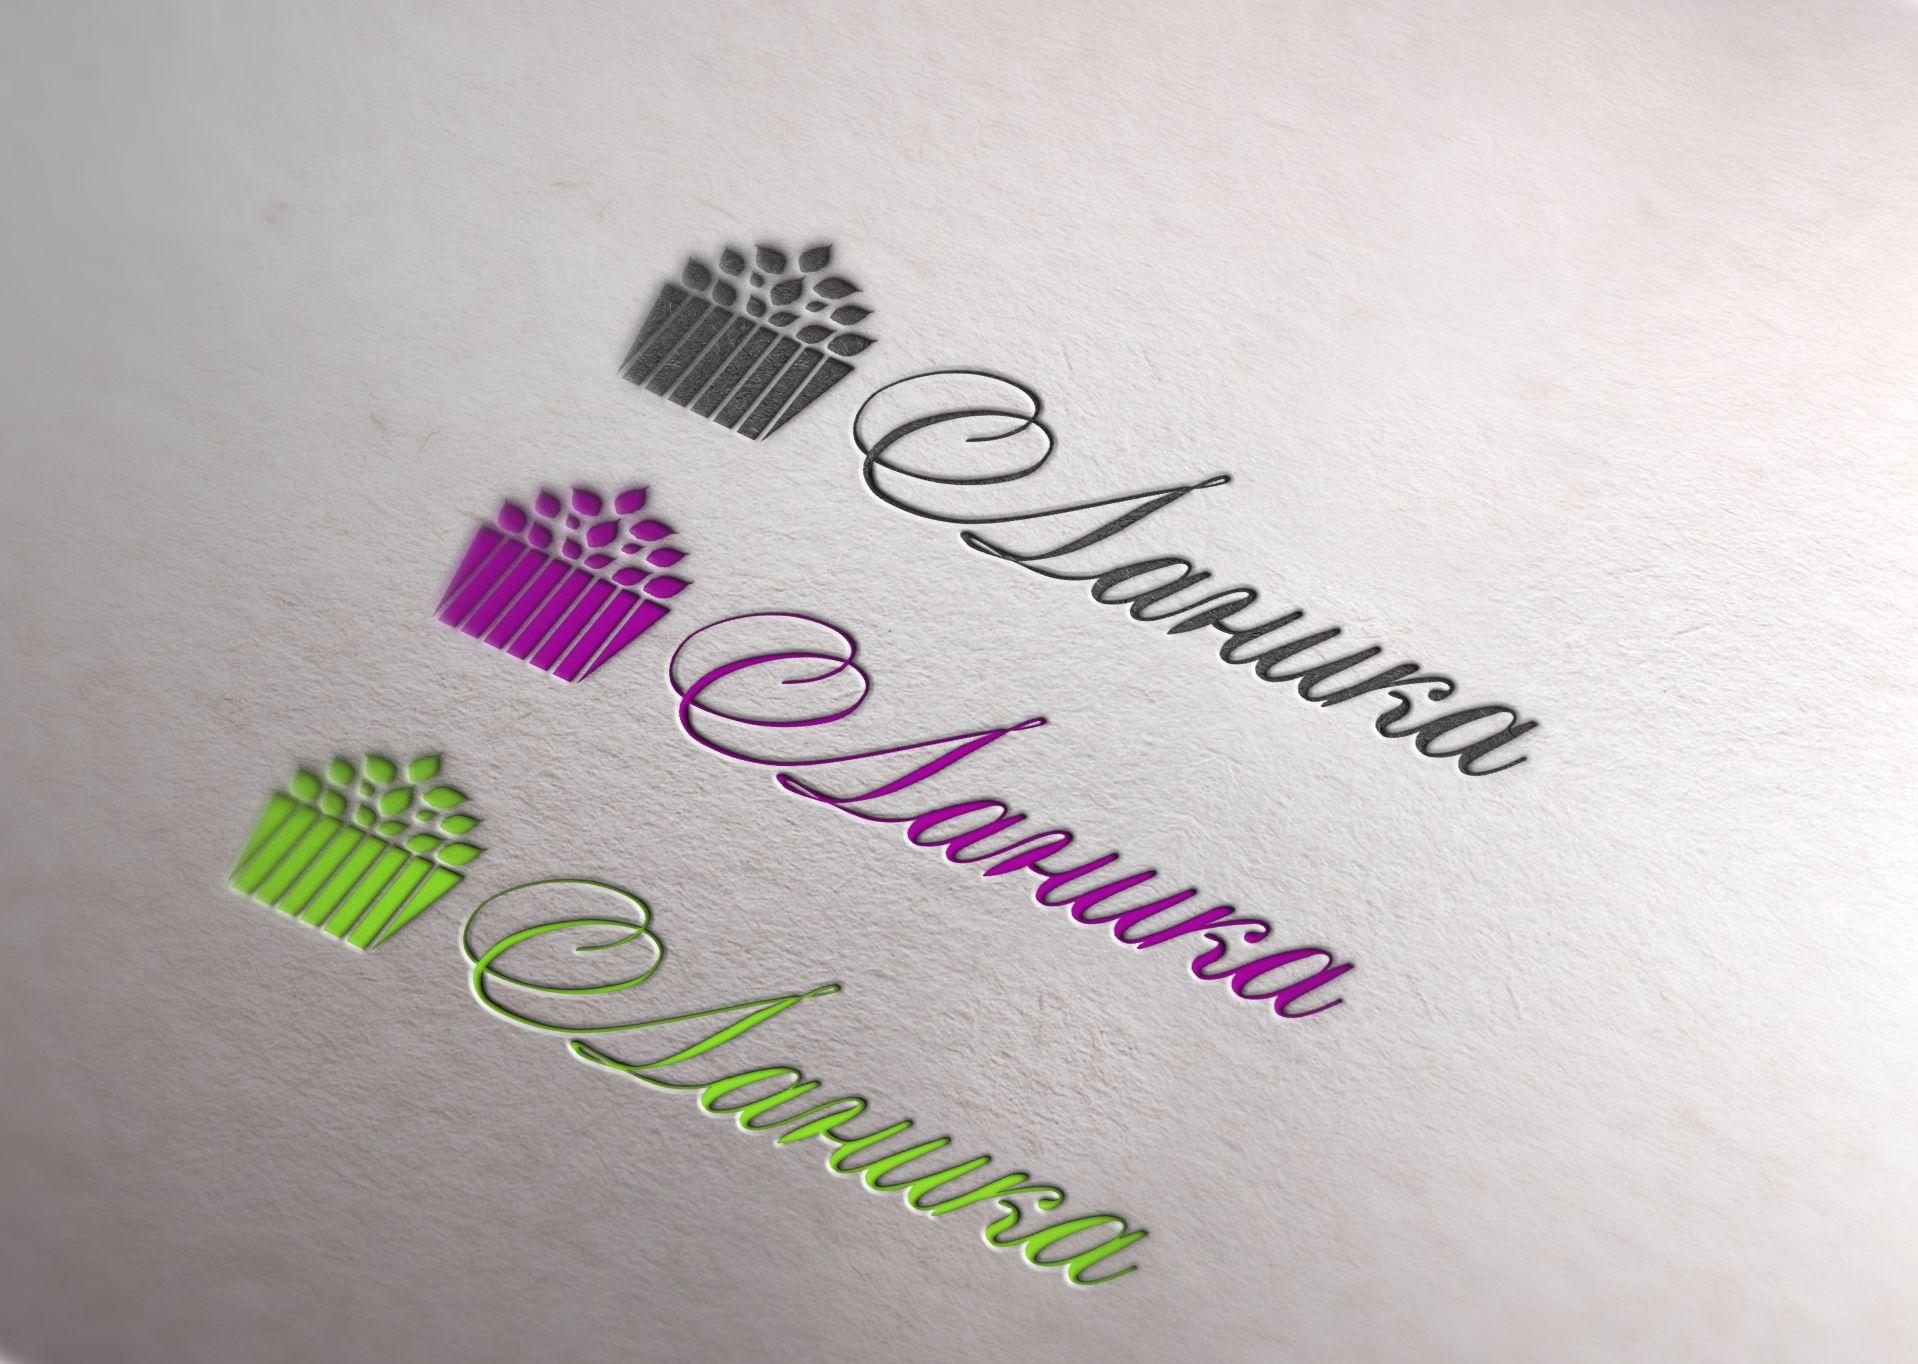 Лого ИМ тортов,пирожных и печенья ручной работы - дизайнер sniff85